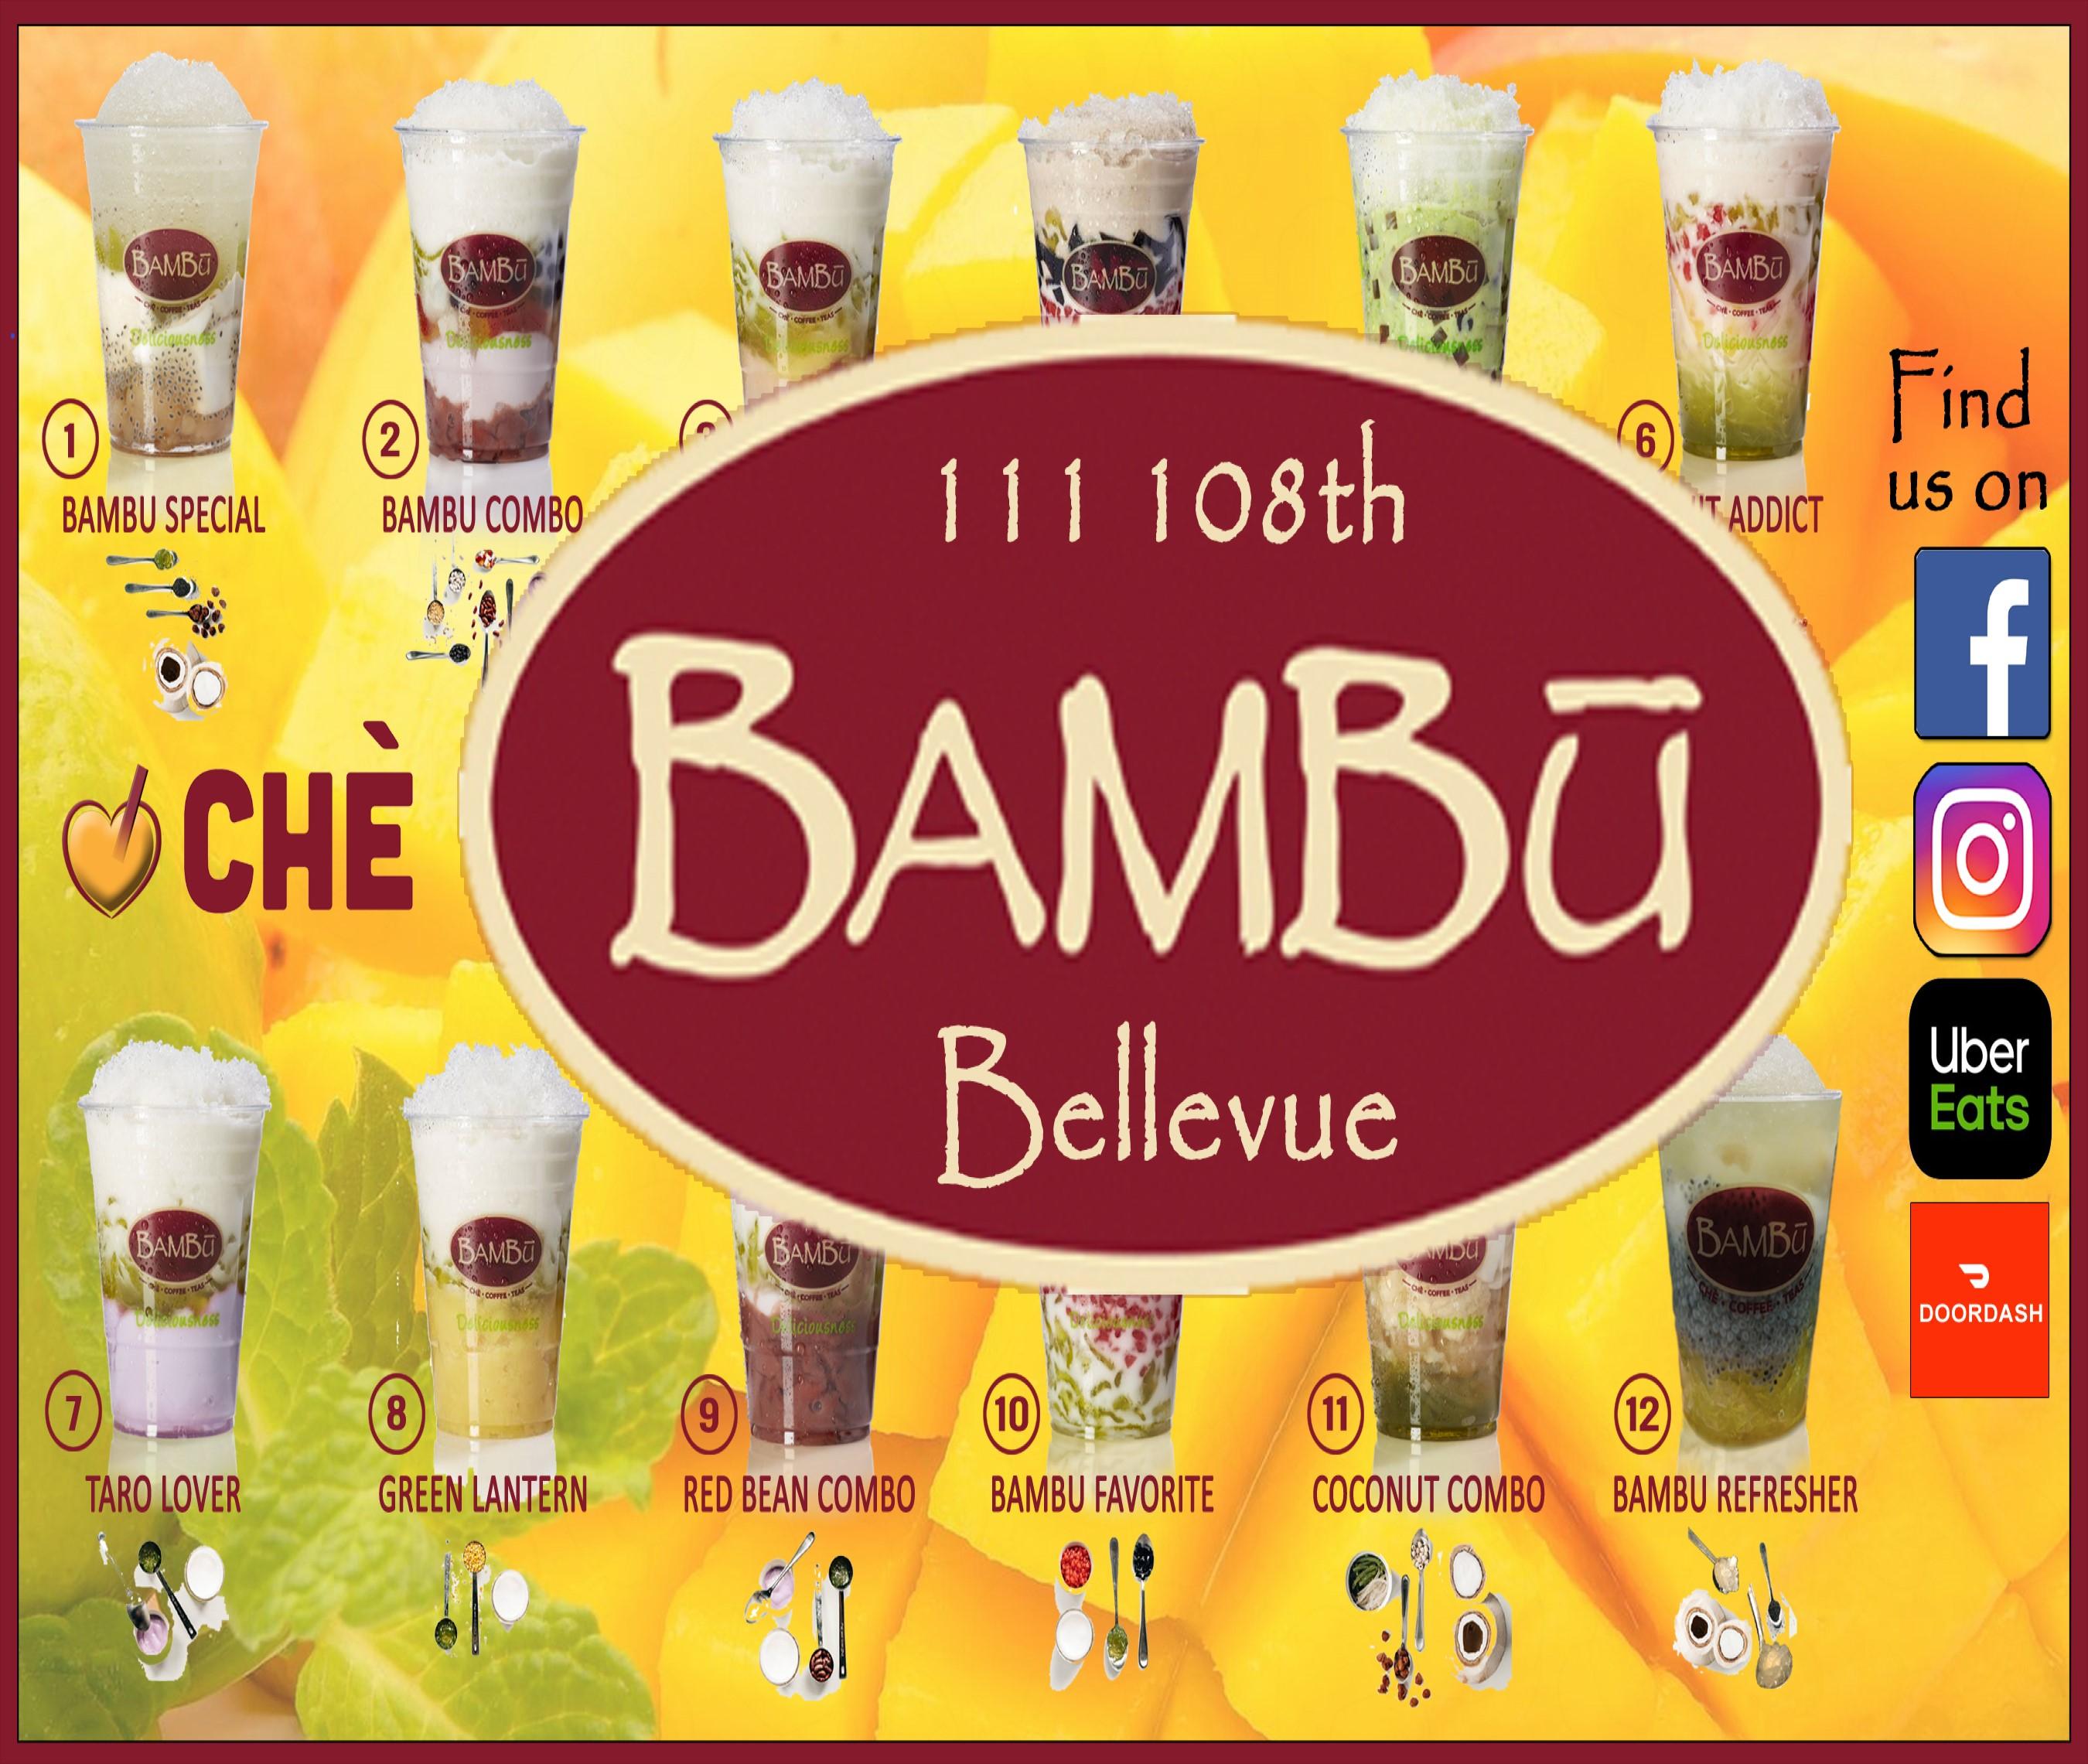 Bambu Bellevue